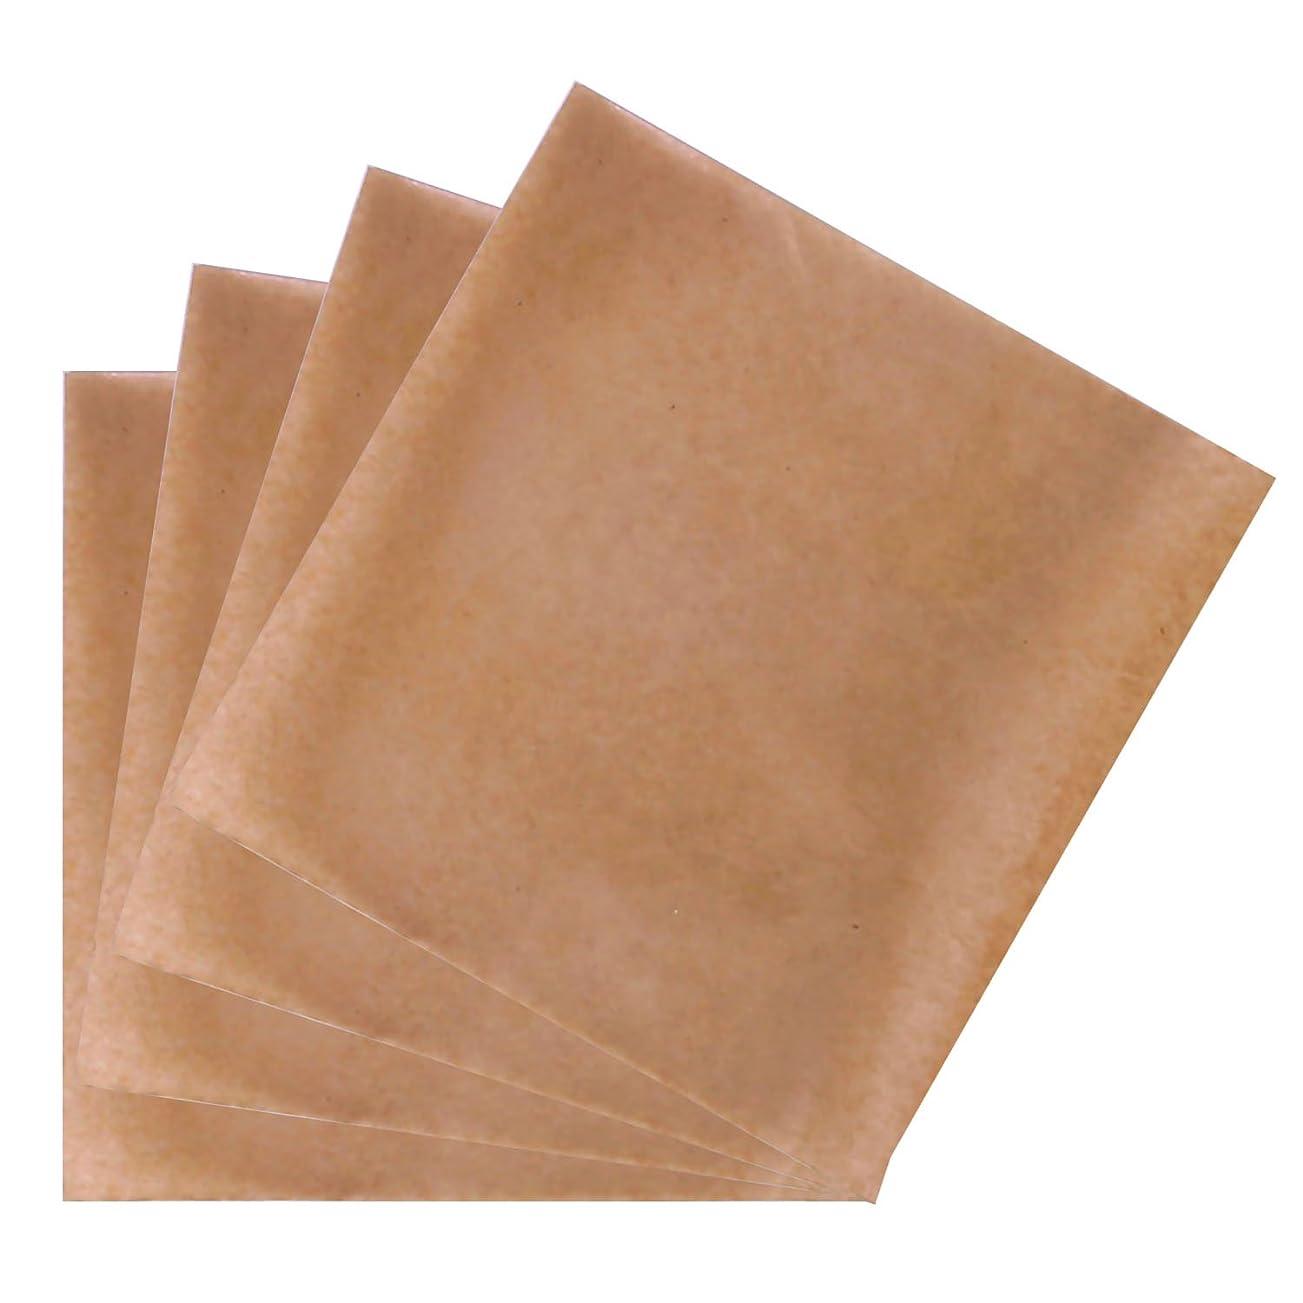 無限大フェローシップロケーションゴシレ [Gosear] 200個 18.5 x 18.5 cm 使い捨て羊皮紙紙ベーキングシートのクッキーピザパンチップ